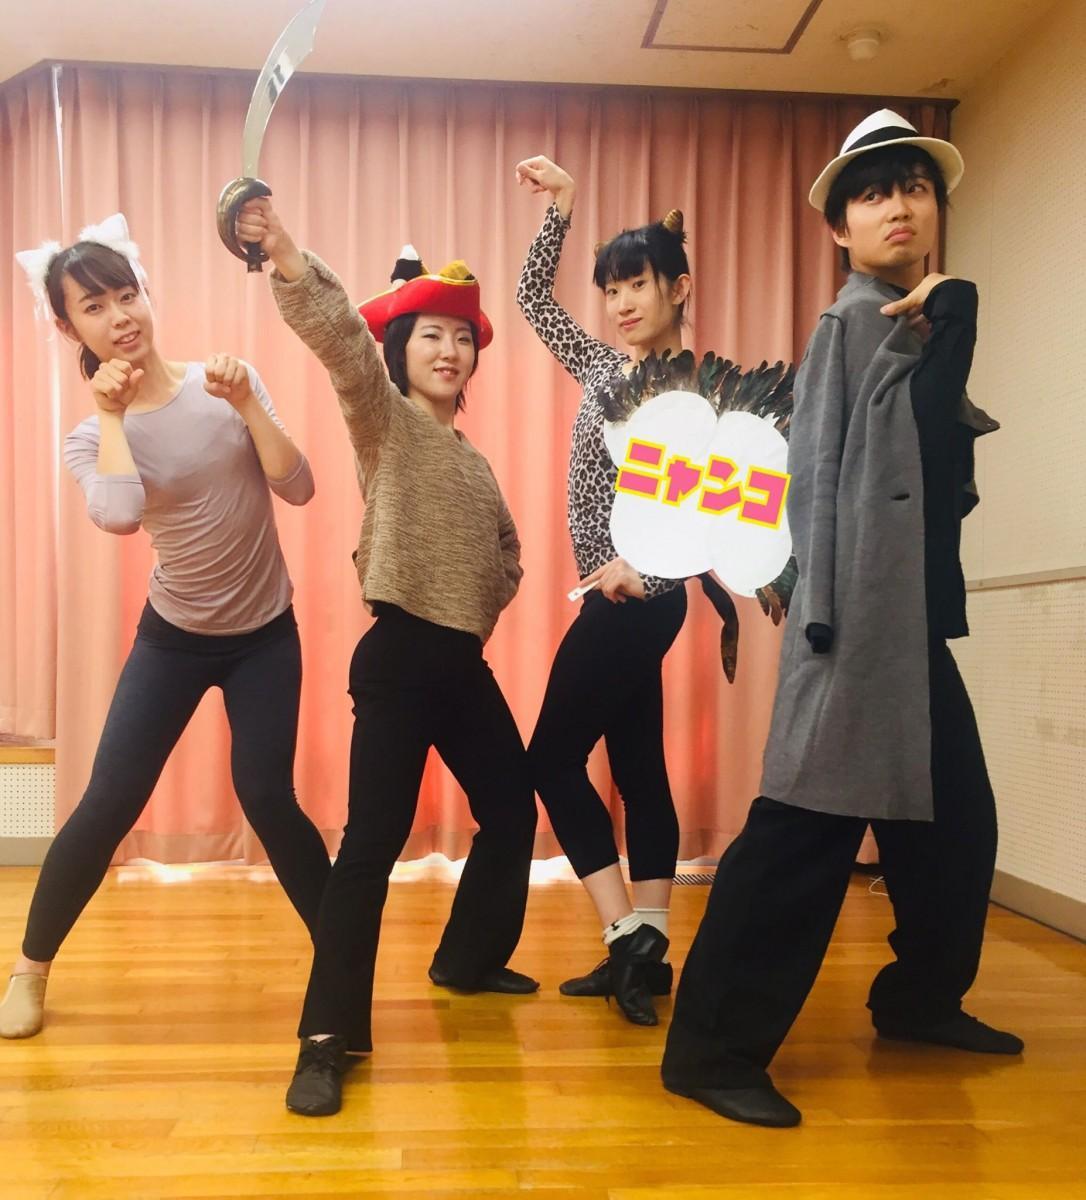 「江の島ニャンコミュージカル」の出演者たち